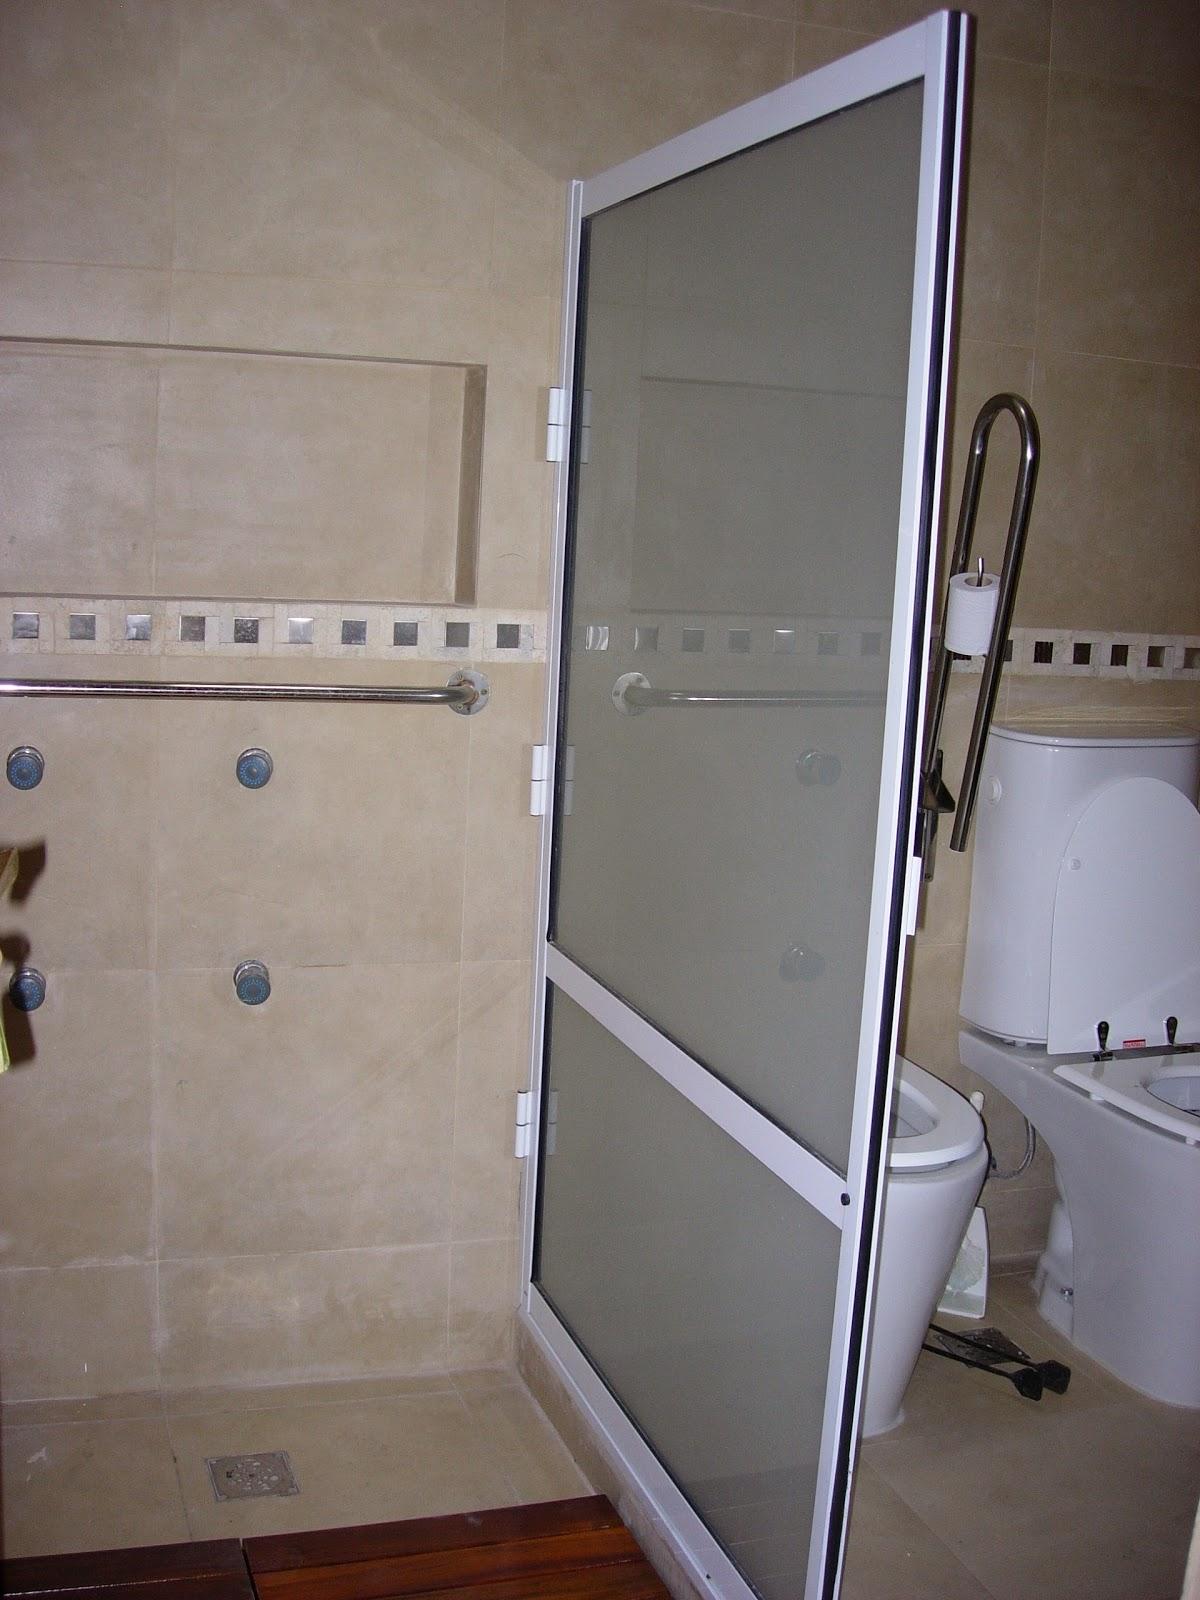 Via-Diseño (Carpintería de Aluminio): mampara para baño, yacussi y ...